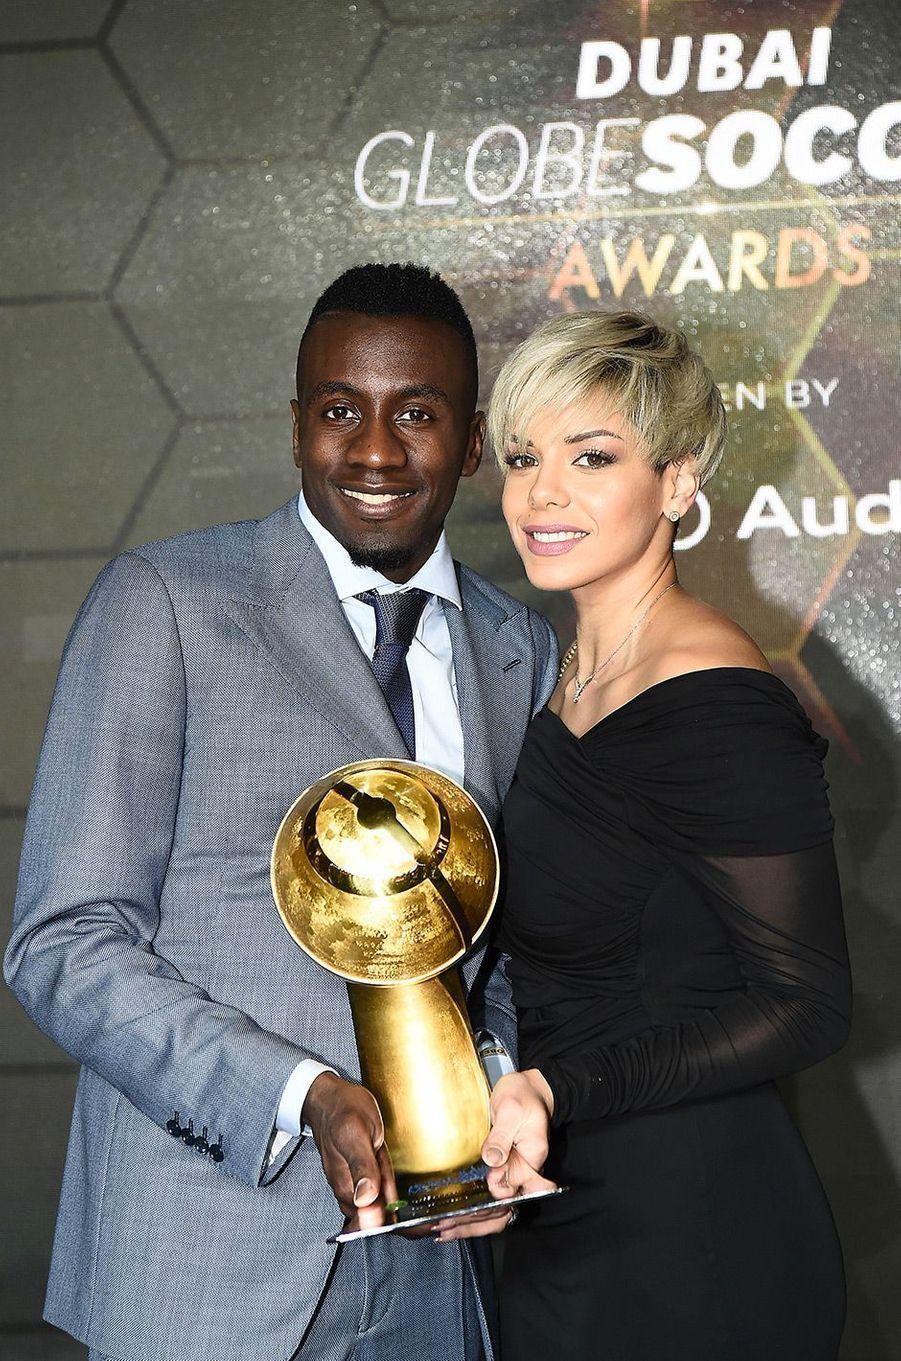 Blaise Matuidi, récompensé pour sa carrière au Globe Soccer Awards à Dubaï, pose avec sa femme Isabelle